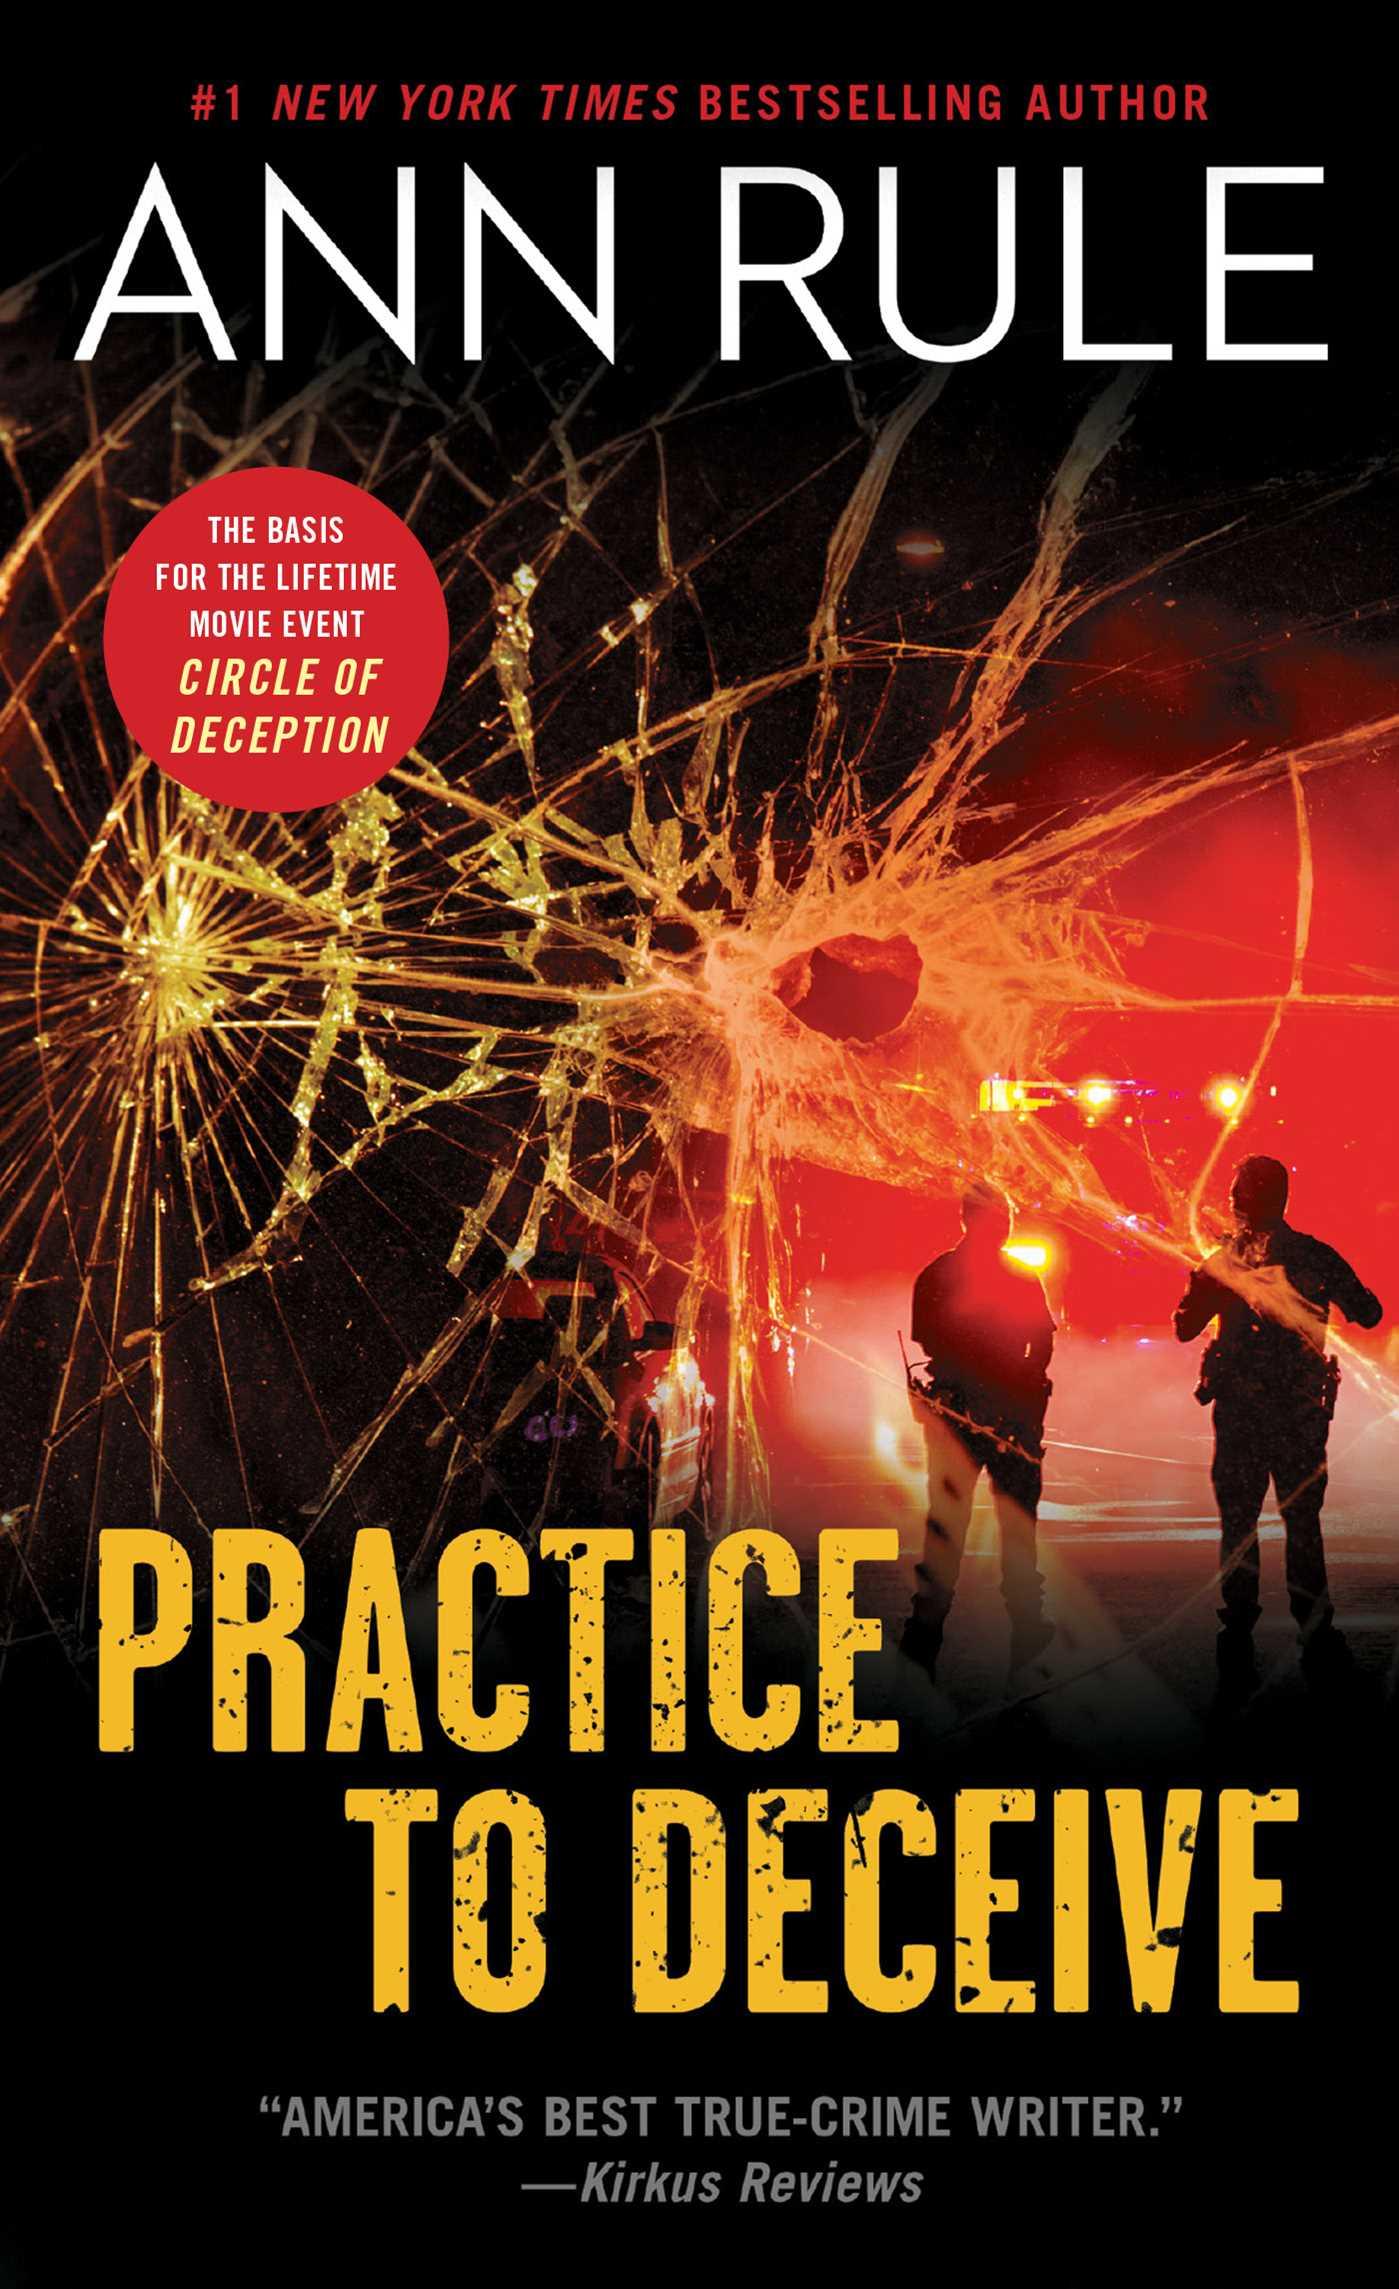 Practice to deceive 9781451687378 hr